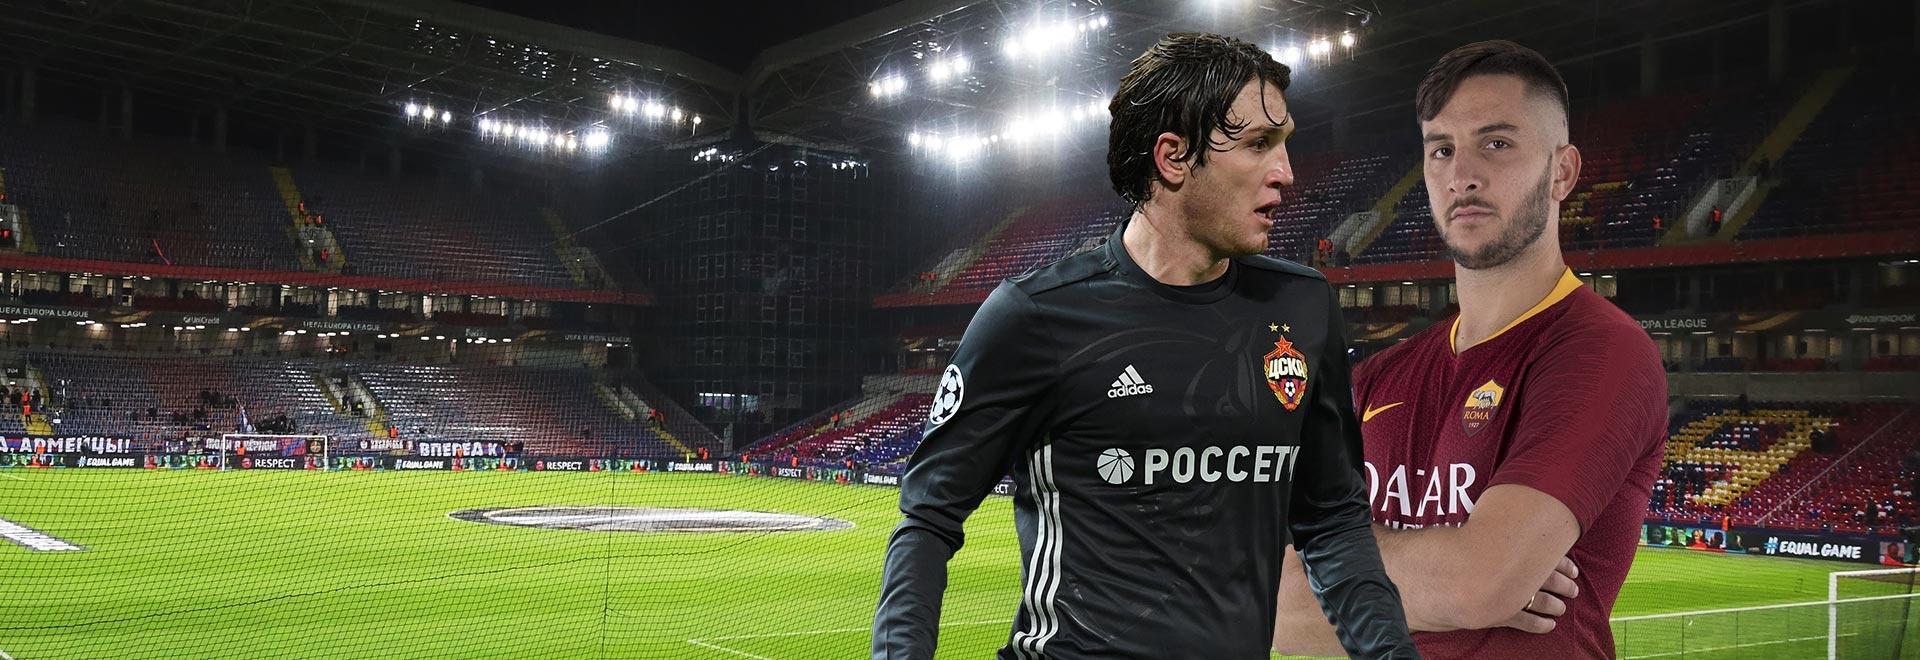 CSKA Mosca - Roma